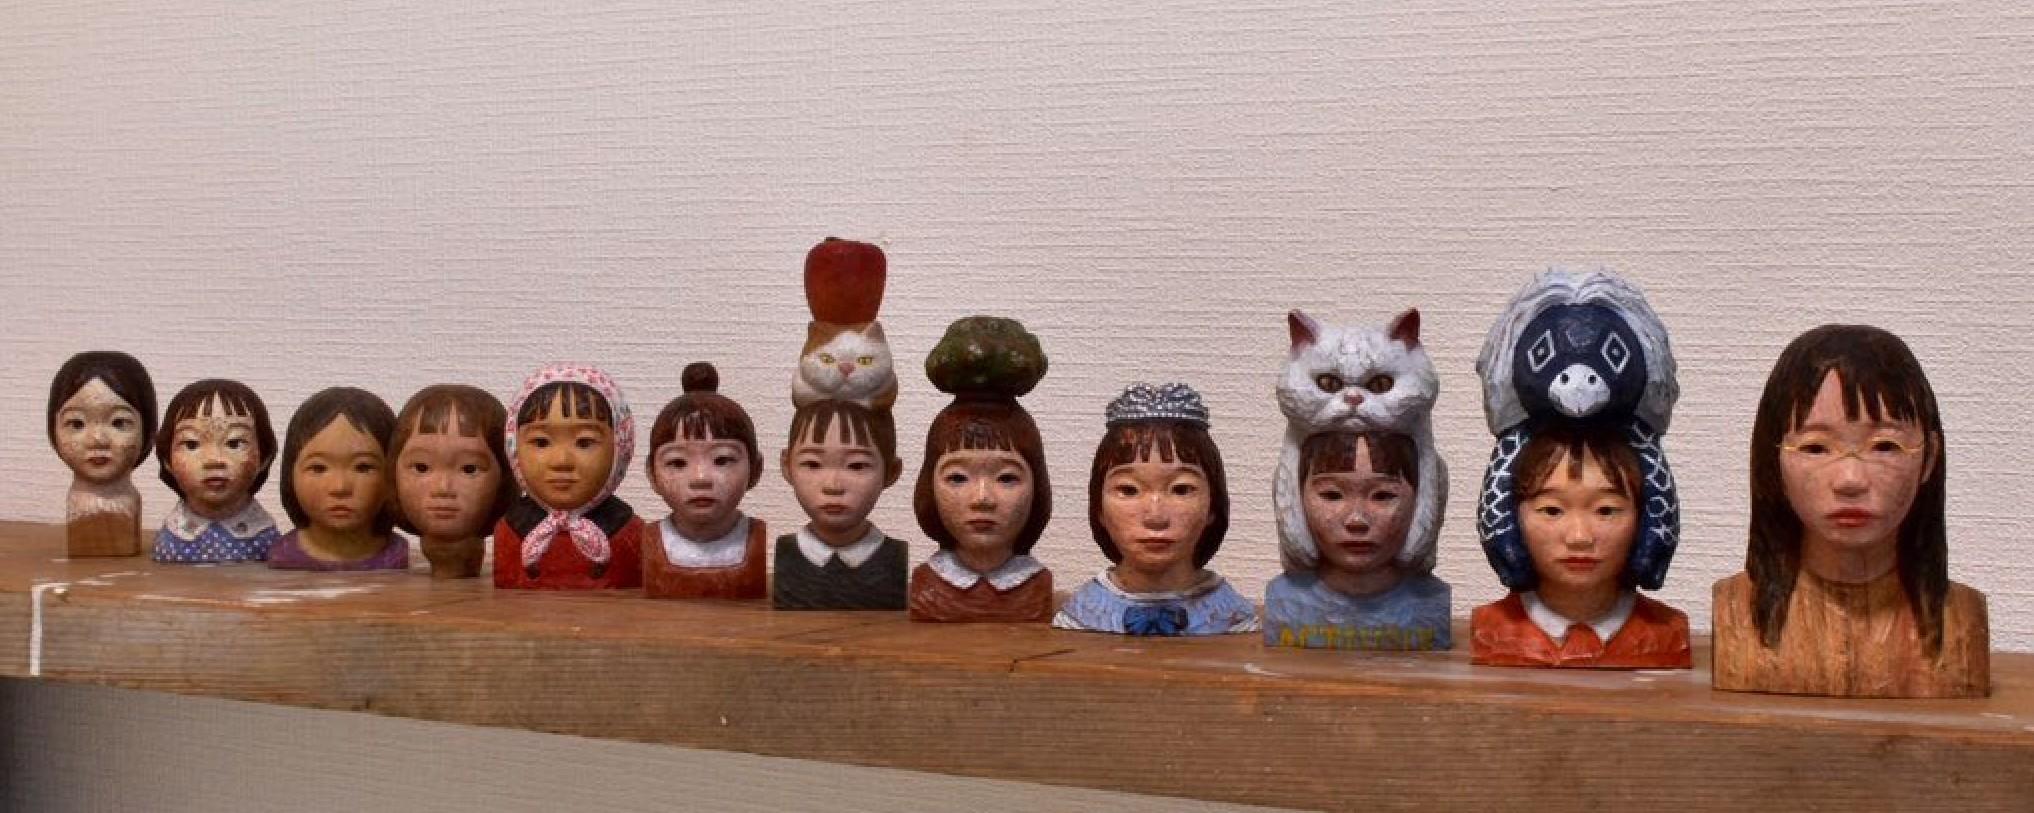 Pria - Tomoaki Ichikawa